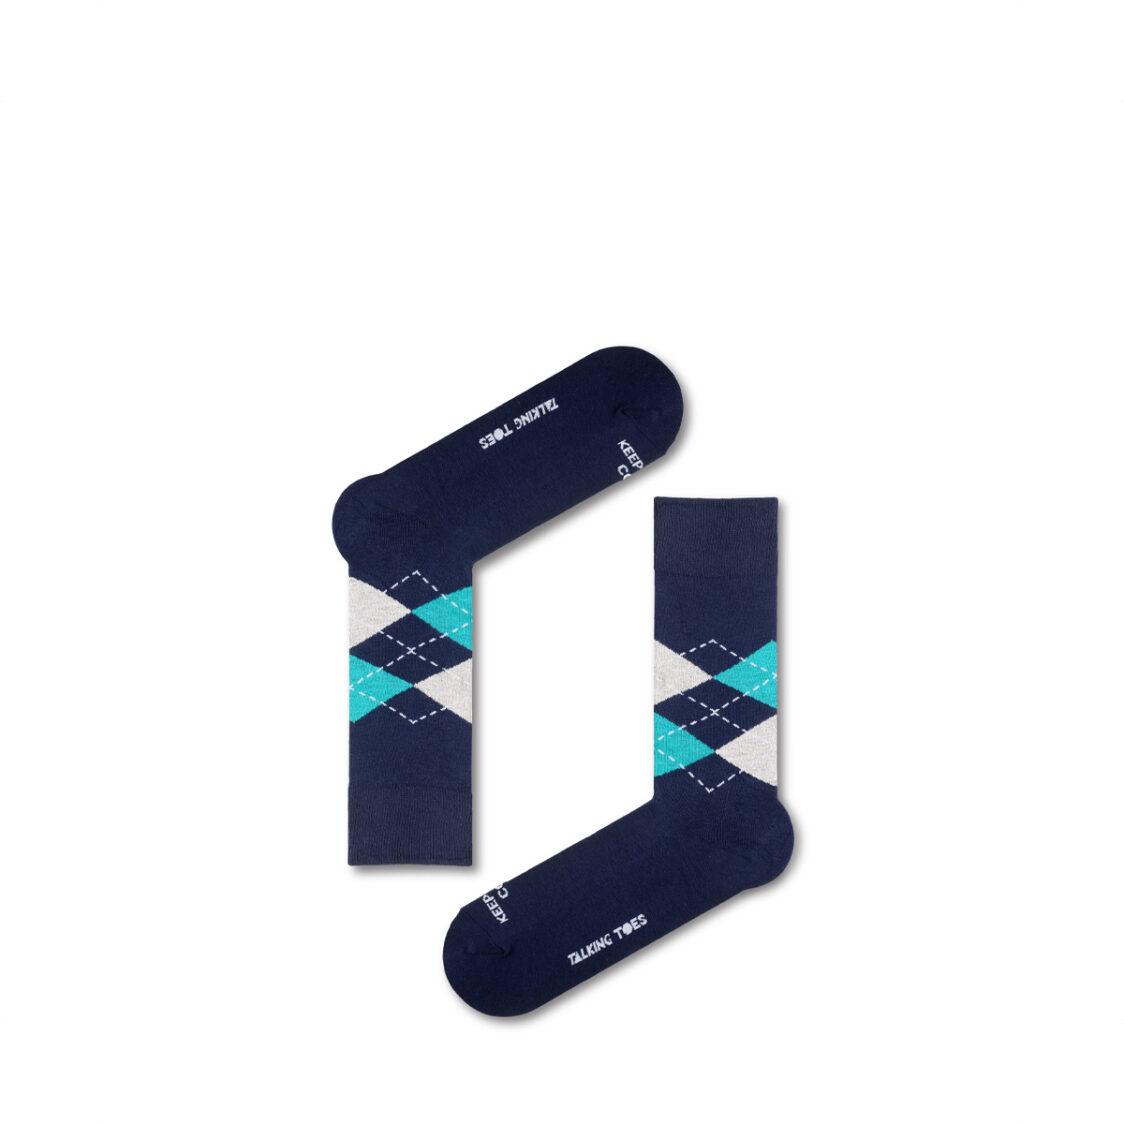 Everyday Basics by Talking Toes Navy-Aqua Argyle Socks One Size